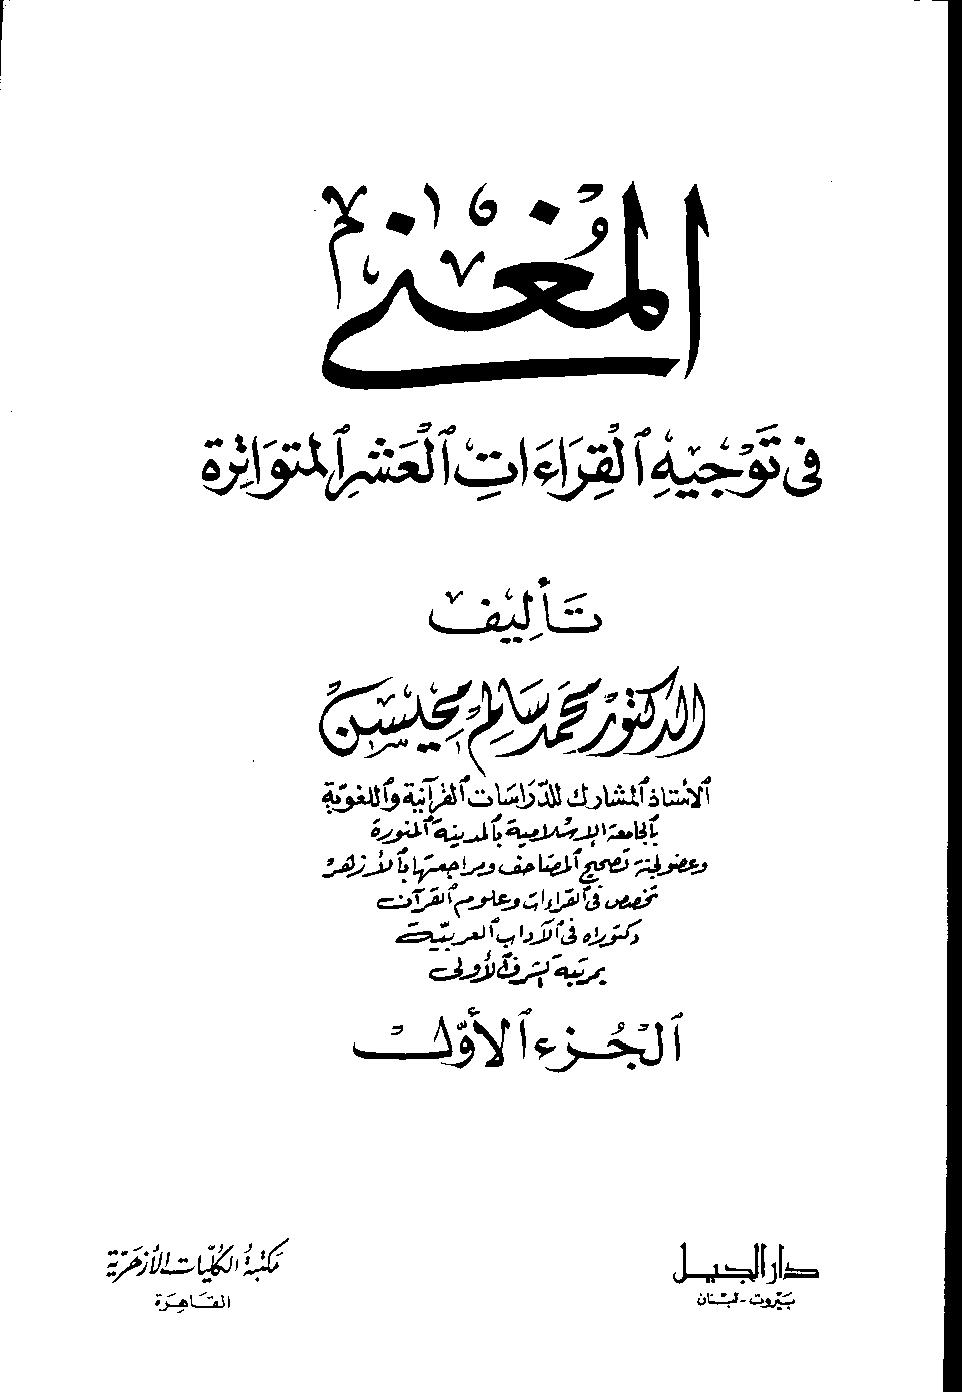 تحميل كتاب المغني في توجيه القراءات العشر المتواترة (الجزء الأول) لـِ: الدكتور محمد محمد محمد سالم محيسن (ت 1422)